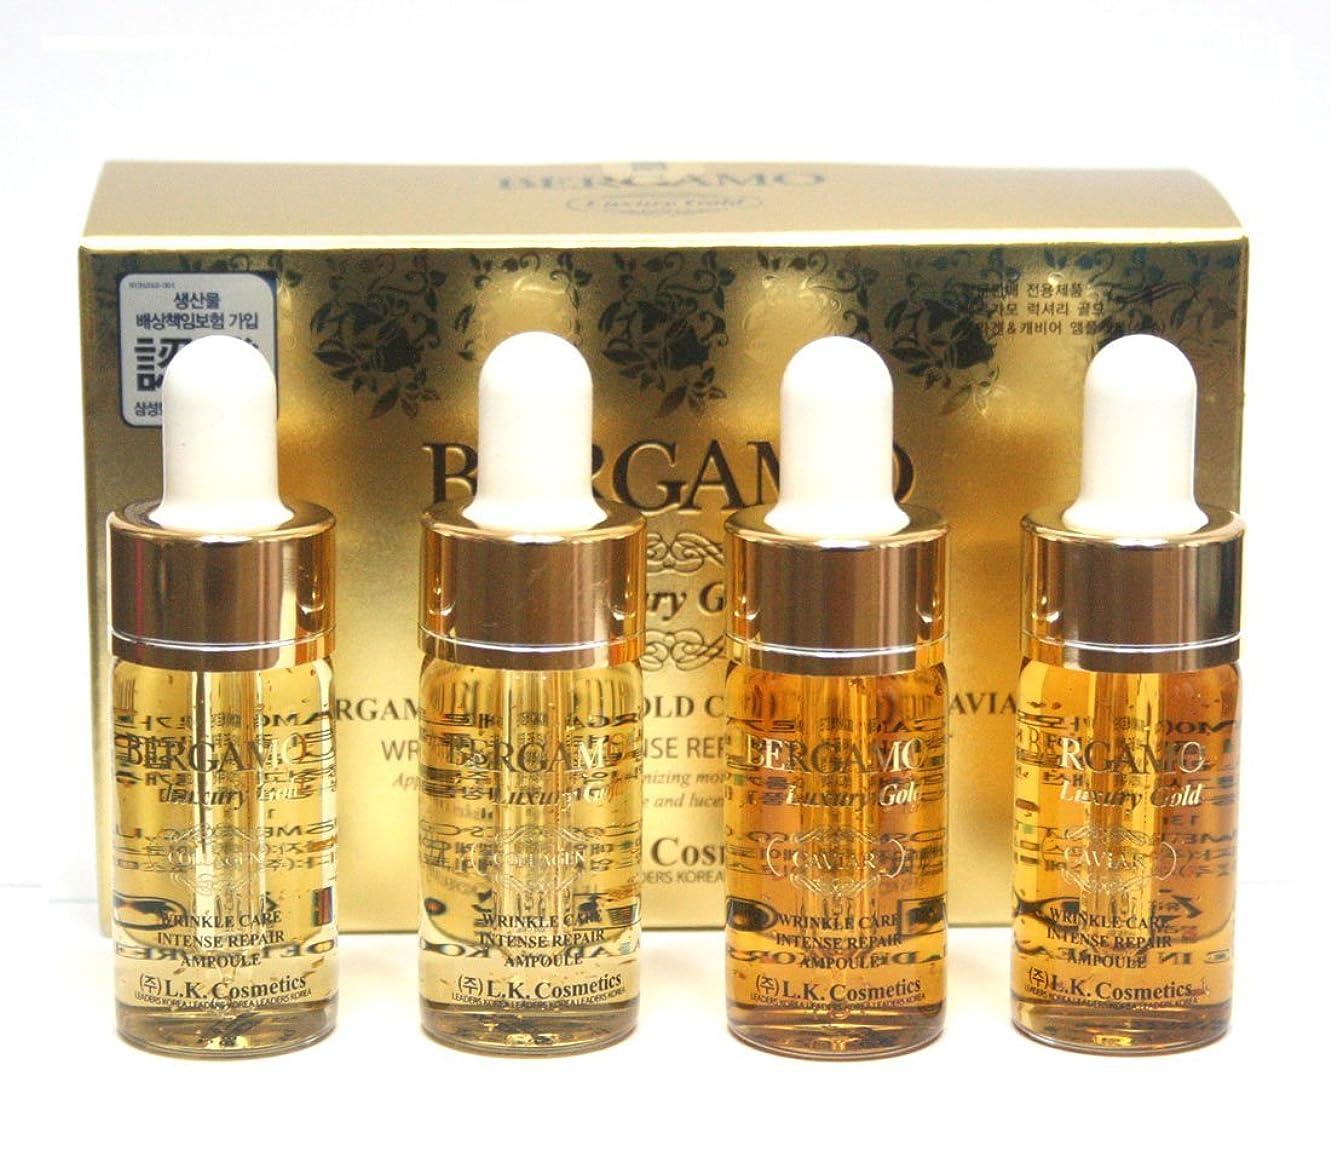 鋼飲み込む分析[ベルガモ] Bergamo/ラグジュアリーゴールドコラーゲン&キャビアリンクルケアアンプルセット13ml * 4ea/Luxury Gold Collagen & Caviar Wrinkle Care Repair Ampoule Set 13ml * 4ea/韓国化粧品/Korean Cosmetics [並行輸入品]